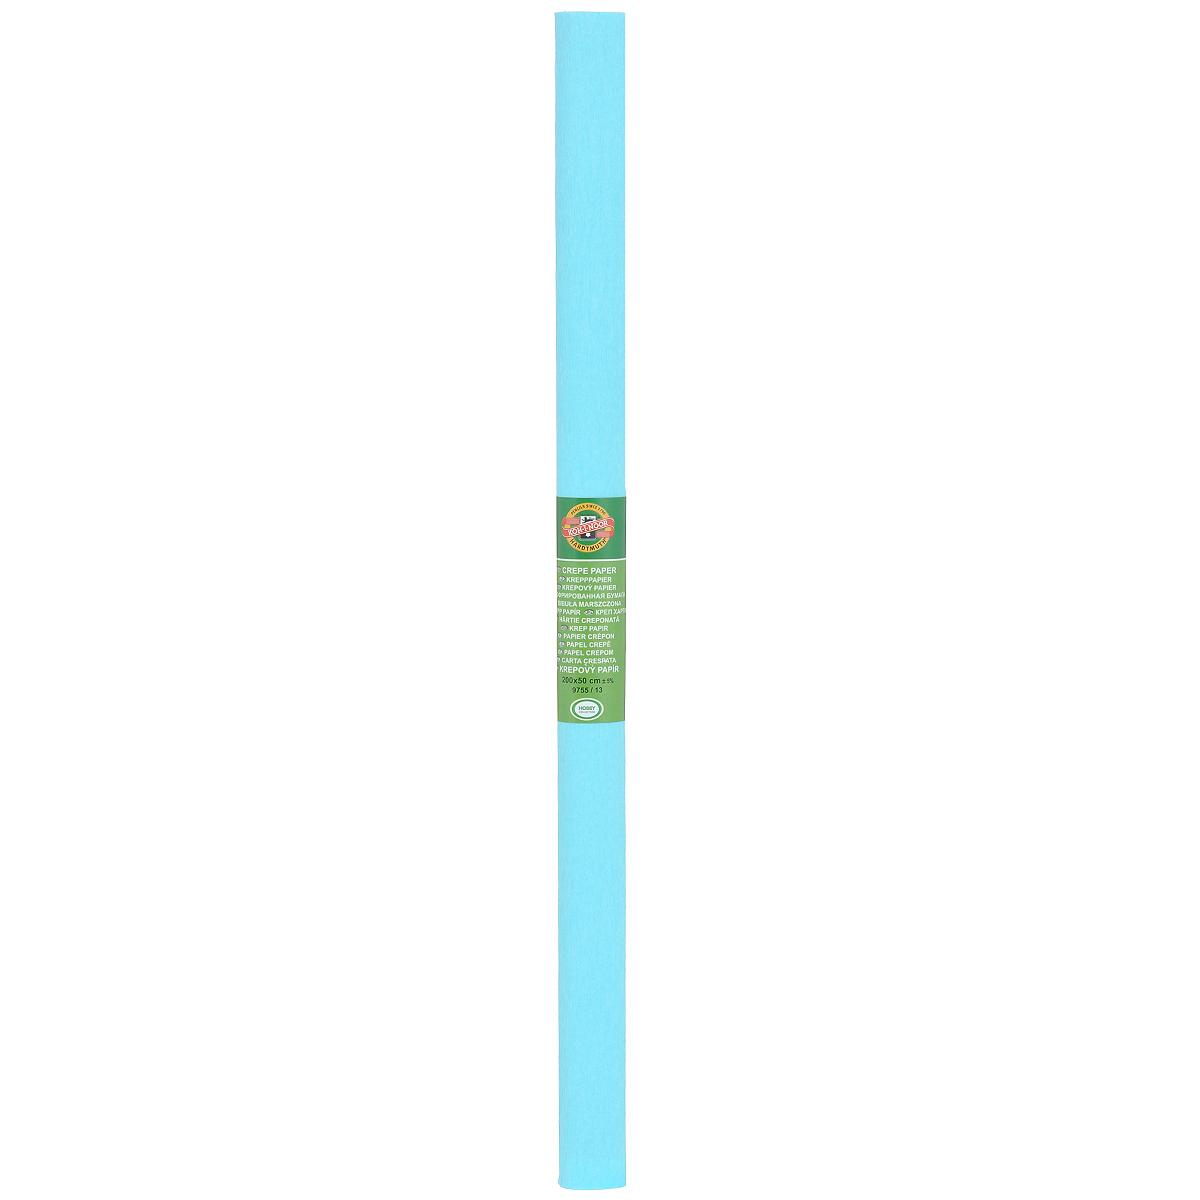 Бумага крепированная Koh-I-Noor, цвет: светло-бирюзовый, 50 см x 2 м9755/13Крепированная бумага Koh-I-Noor - прекрасный материал для декорирования, изготовления эффектной упаковки и различных поделок. Бумага прекрасно держит форму, не пачкает руки, отлично крепится и замечательно подходит для изготовления праздничной упаковки для цветов.